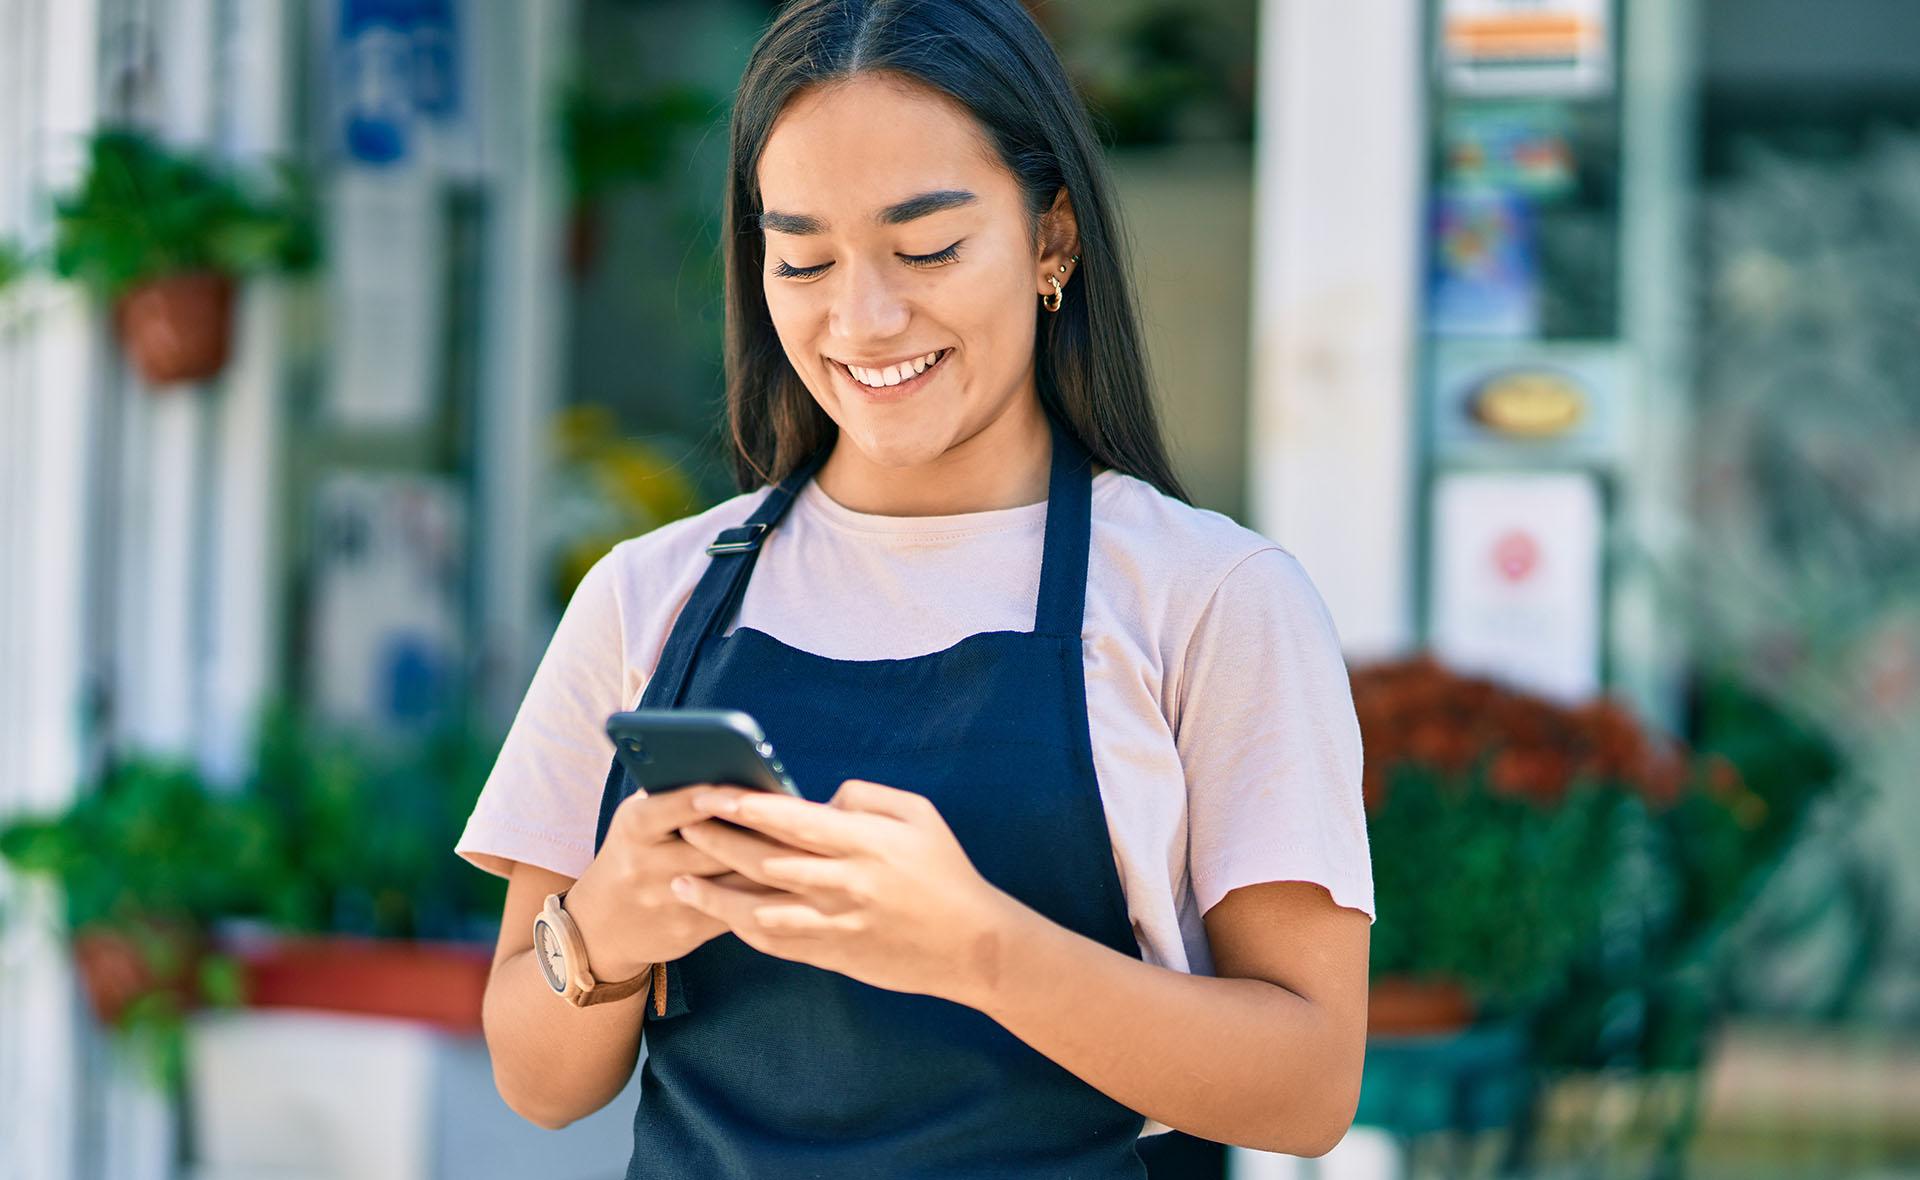 BBVA-2021-Emprendedores-Digital-campaña-productos-comercio-Mi Negocio BBVA